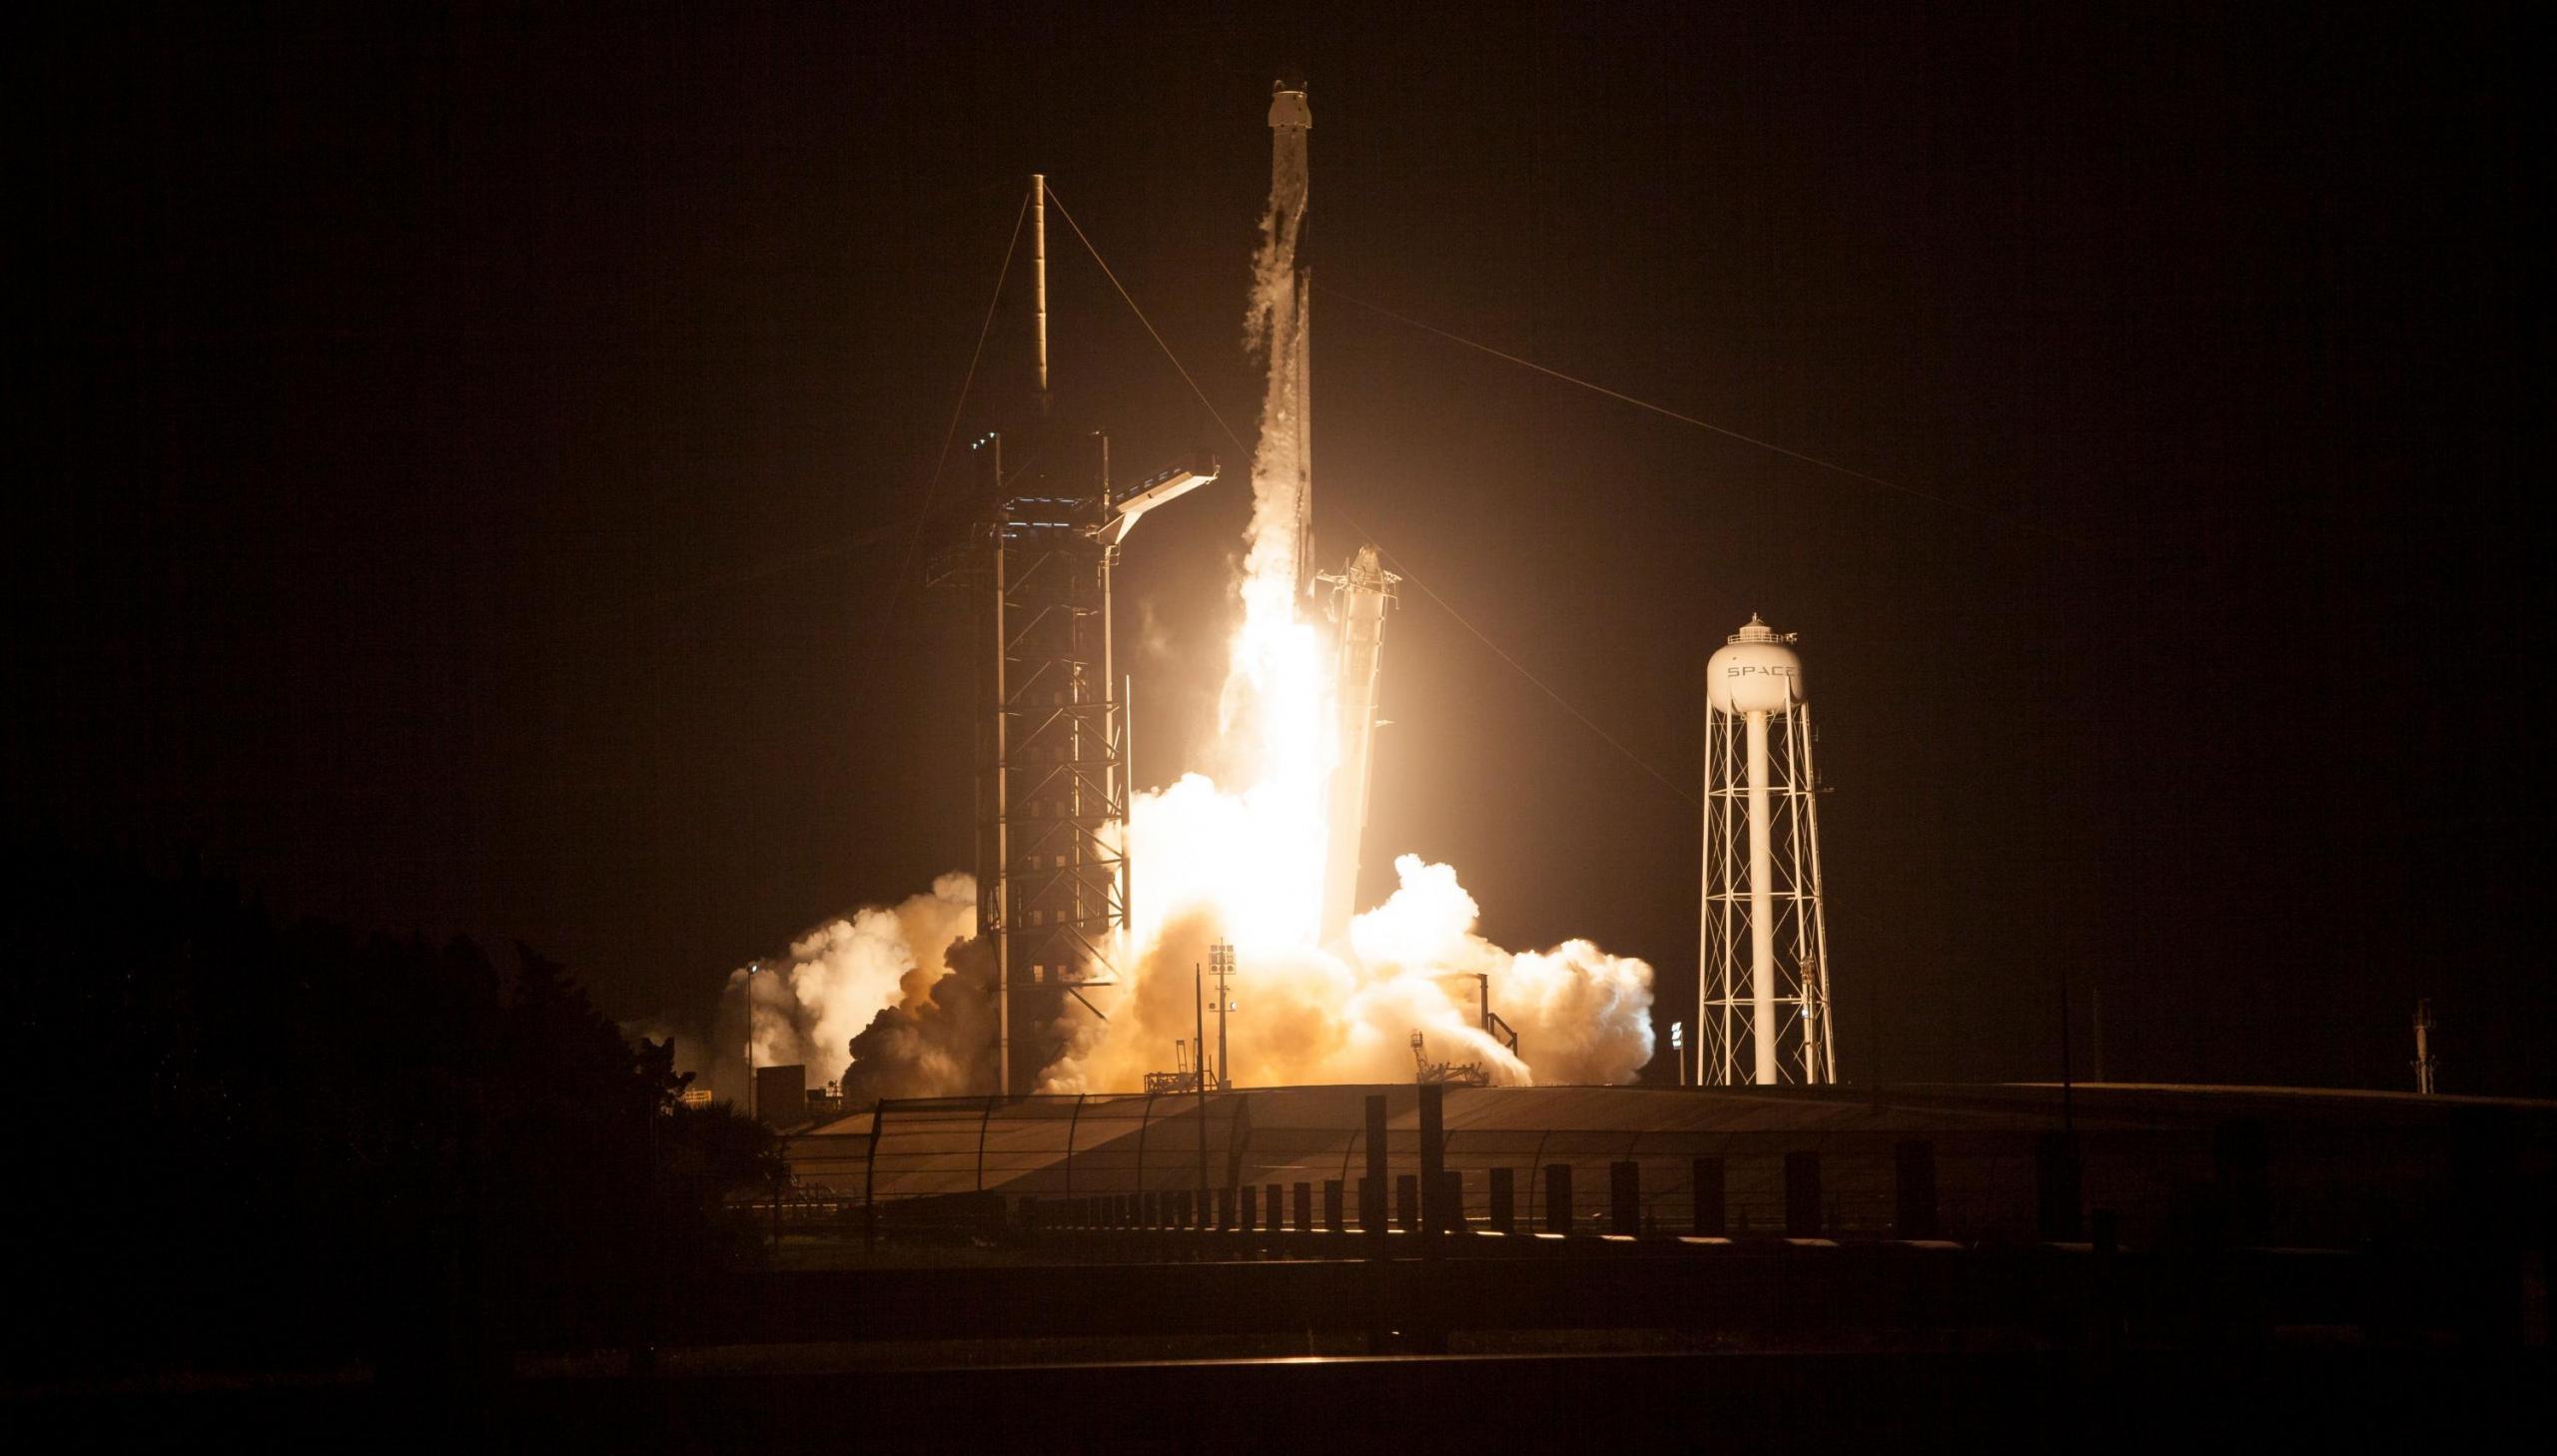 imagen del lanzamiento de un cohete